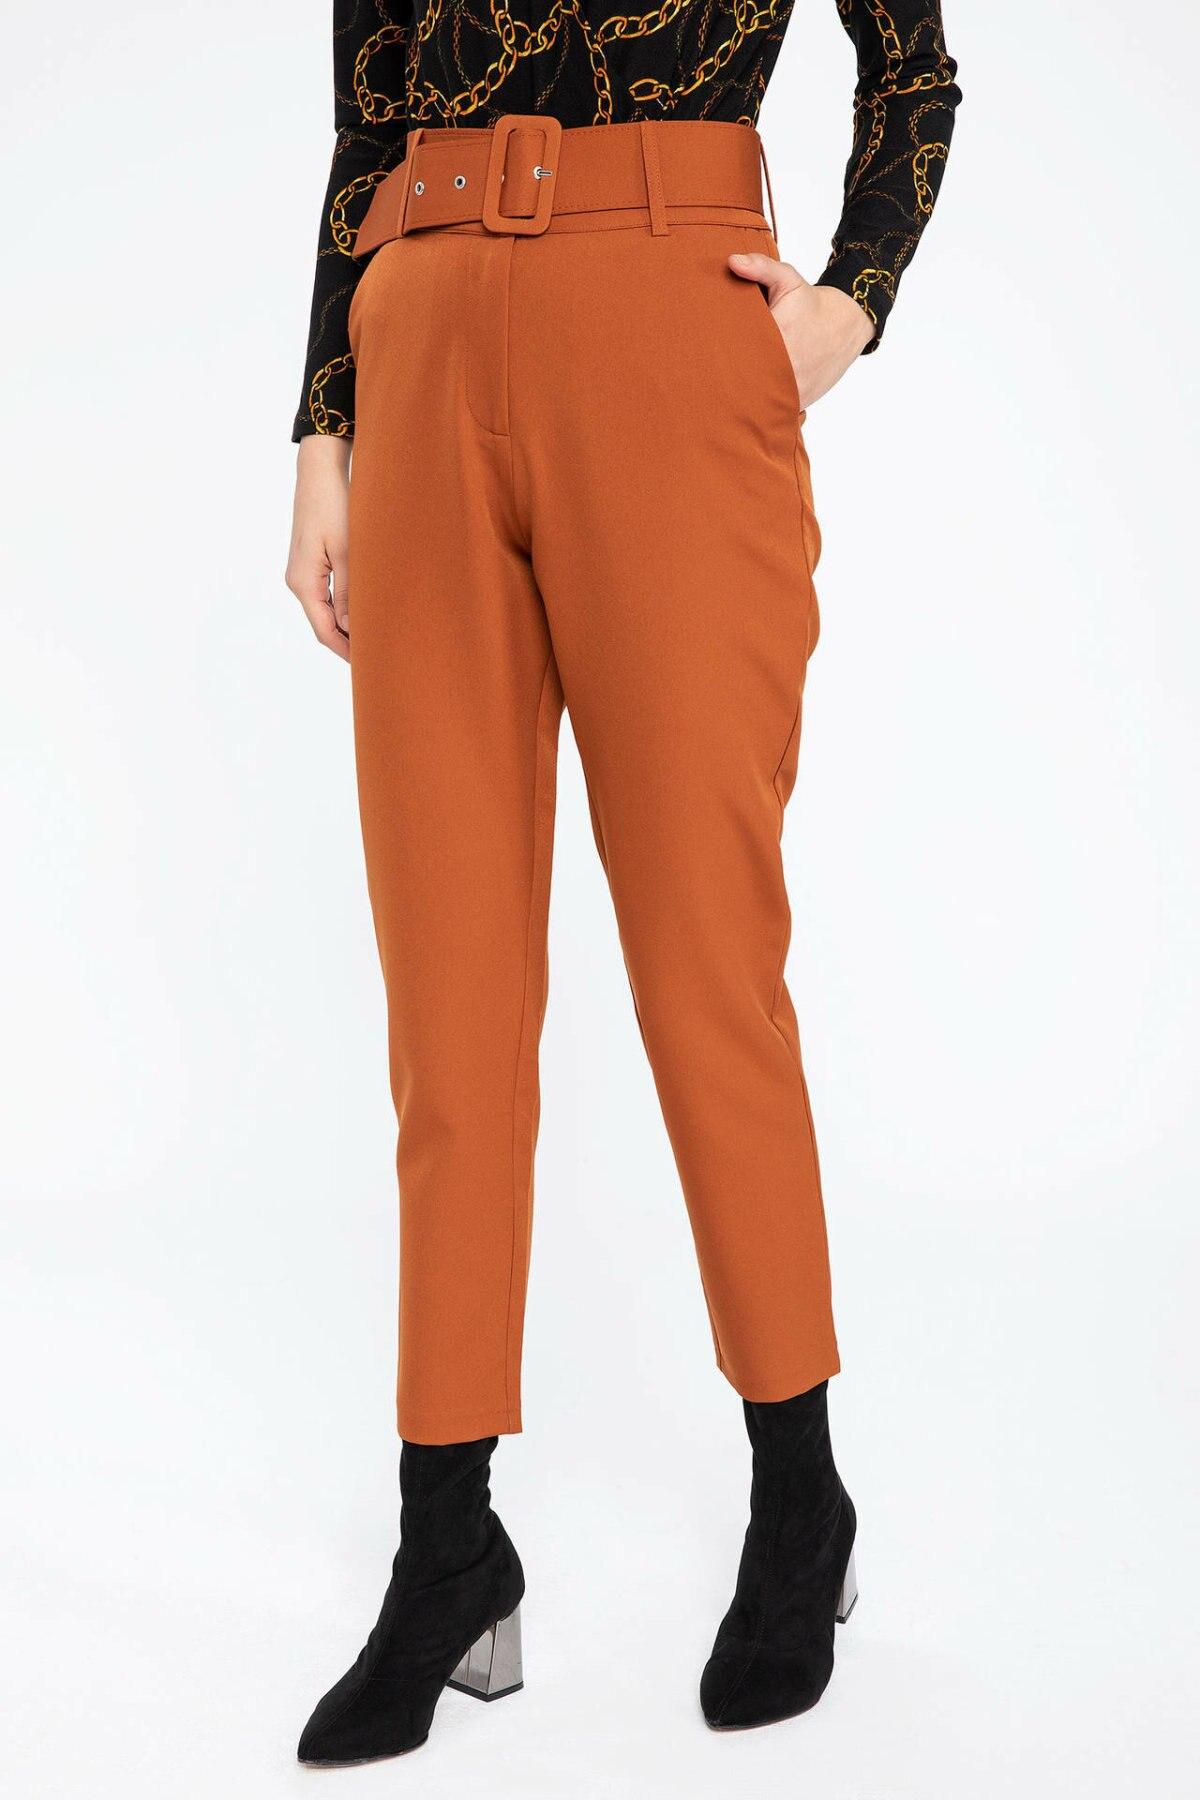 DeFacto Woman Fashion Belt Decors Orange Long Pants Trousers Women Casual Bold Color Bottoms Chic  -K6607AZ18CW